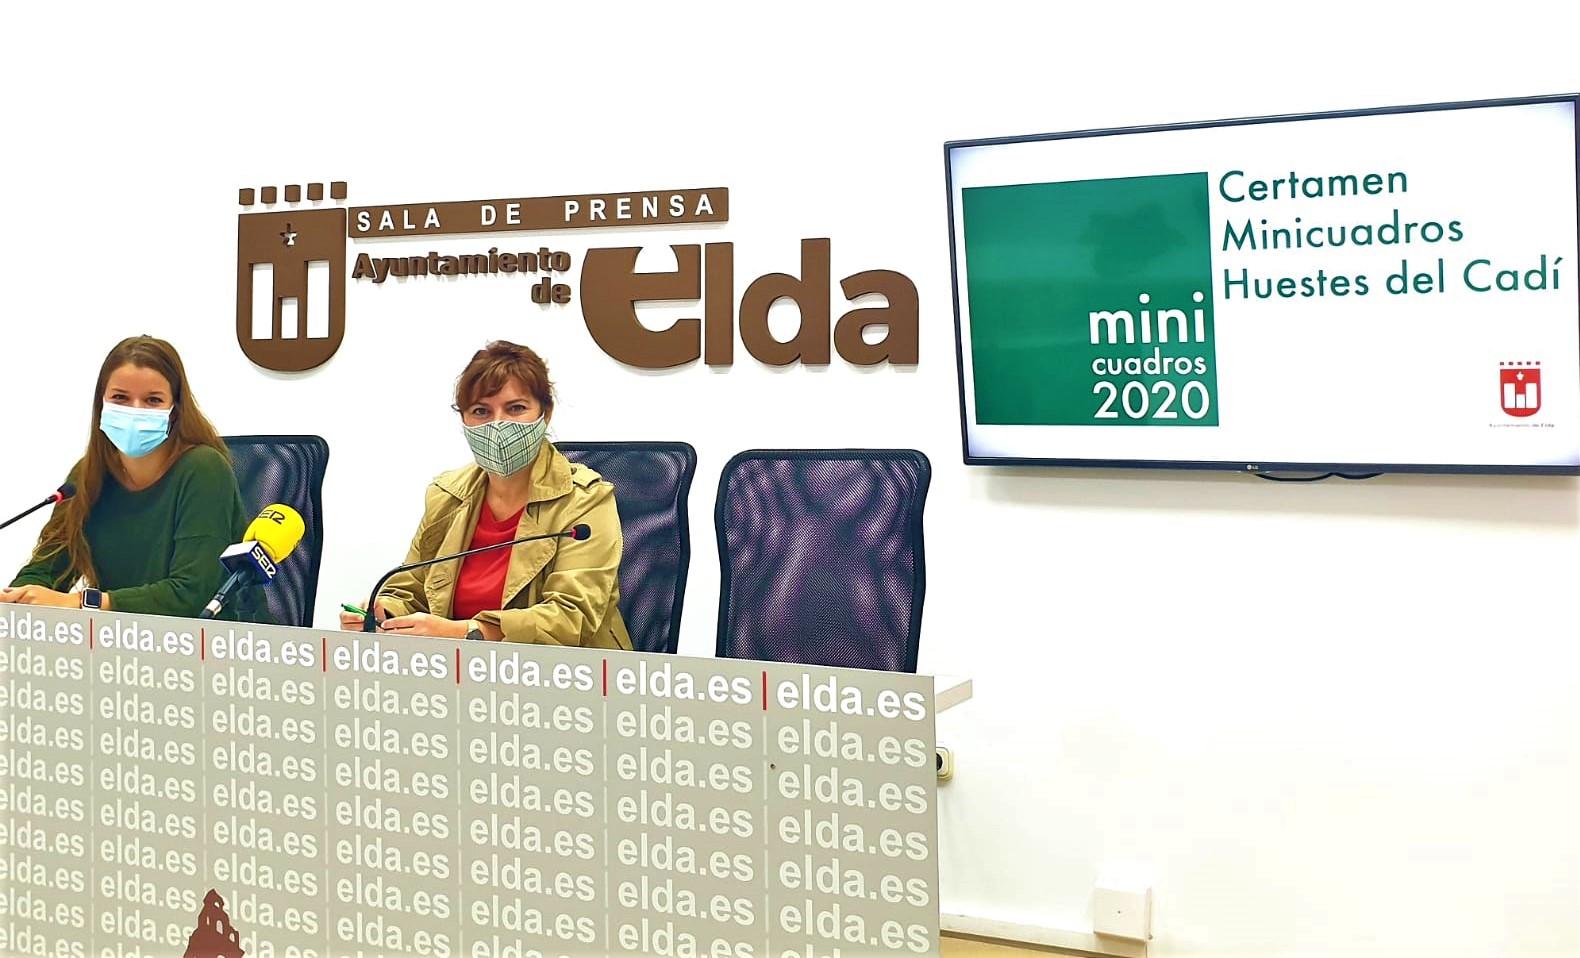 La Muestra de Minicuadros de las Huestes del Cadí se reconvierte en un certamen retrospectivo a causa de la pandemia